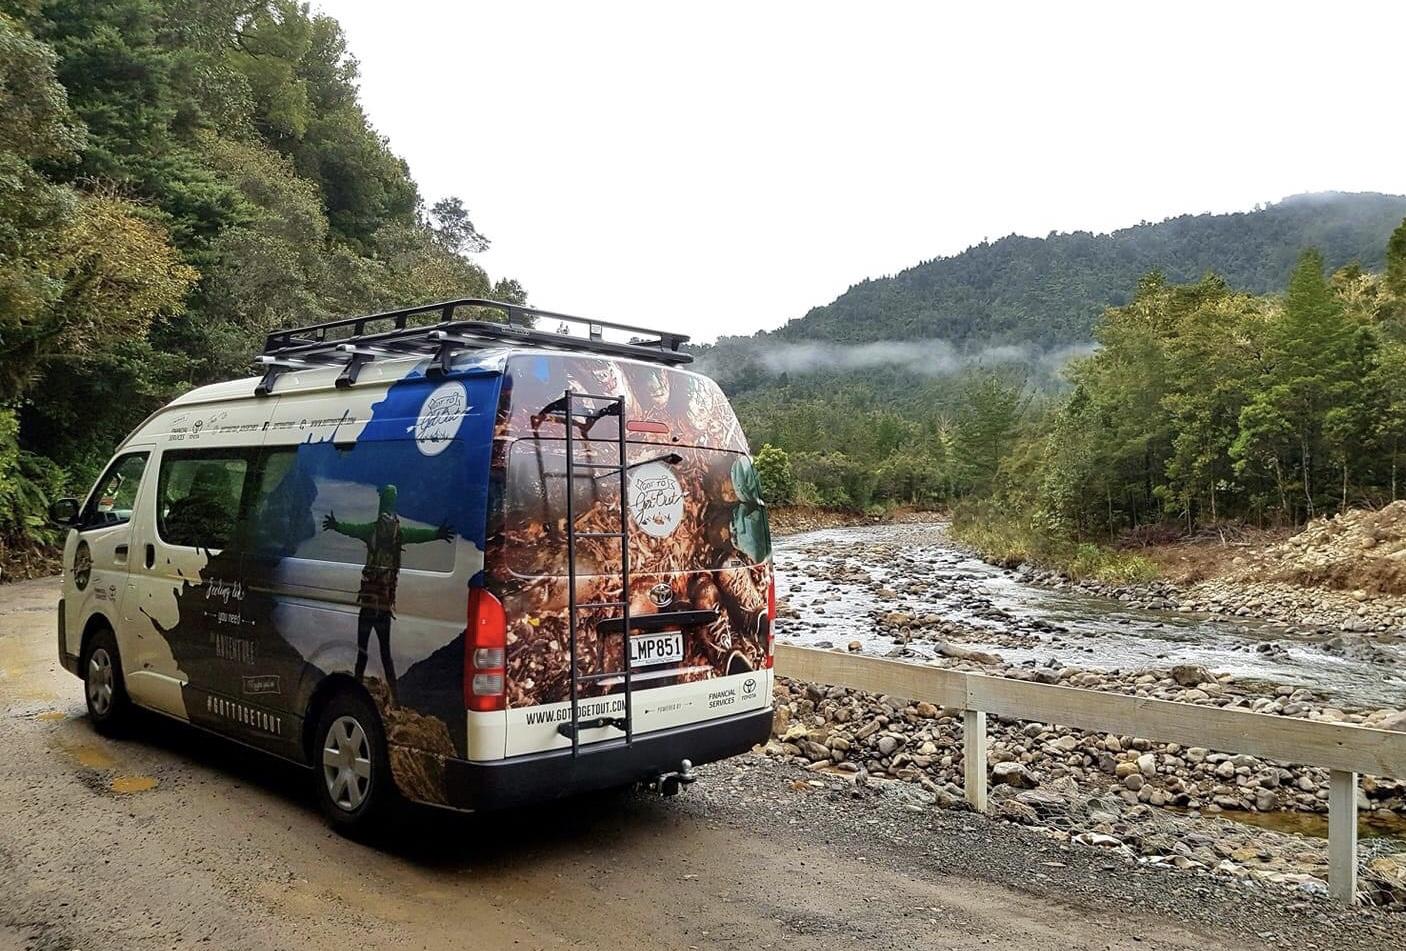 adventure van next to river nz